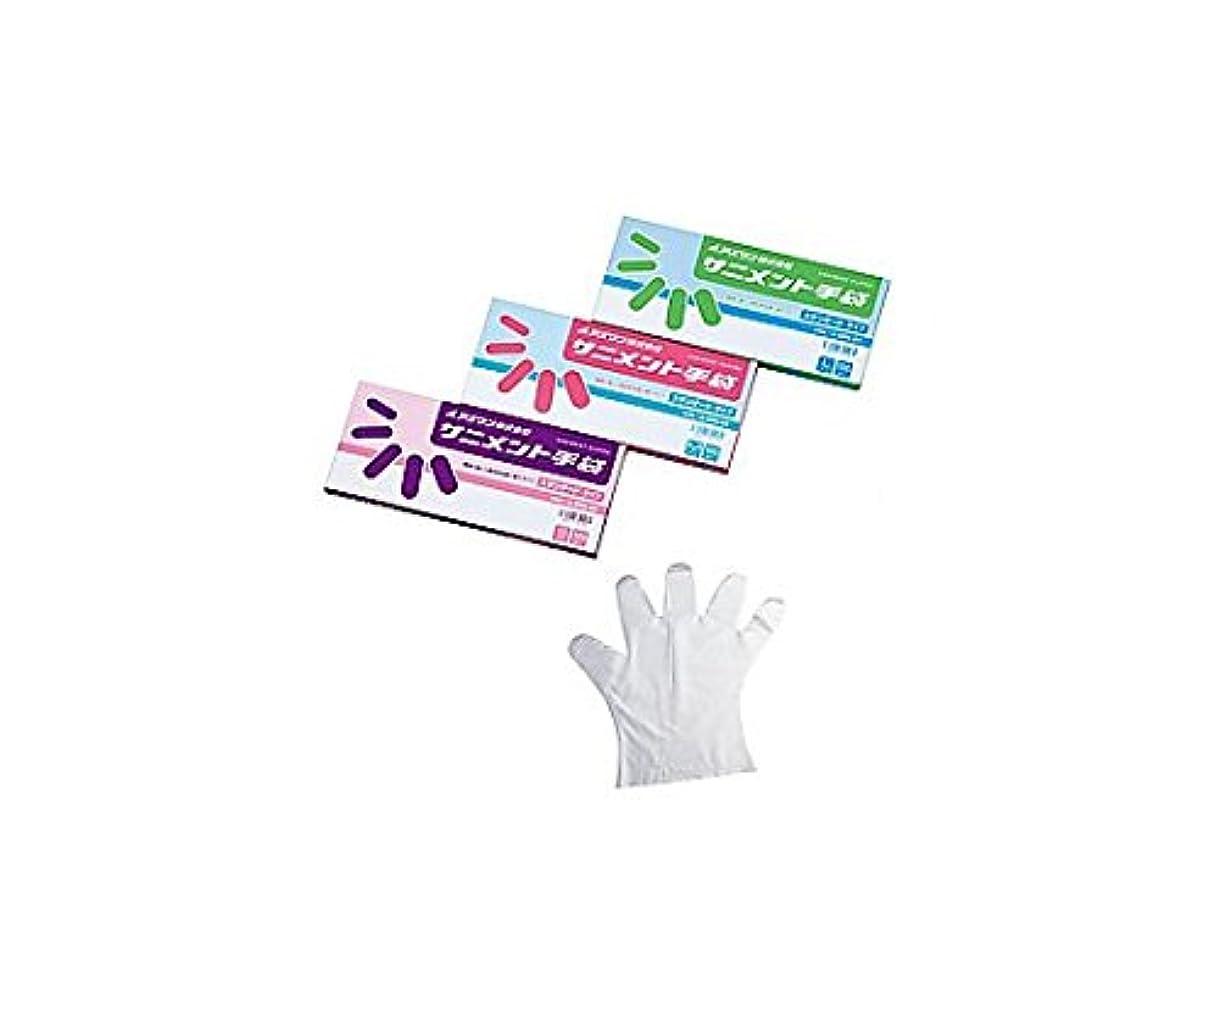 払い戻しコードレス公使館アズワン9-888-01ラボランサニメント手袋(PE?厚手タイプ)スタンダードL10箱+1箱